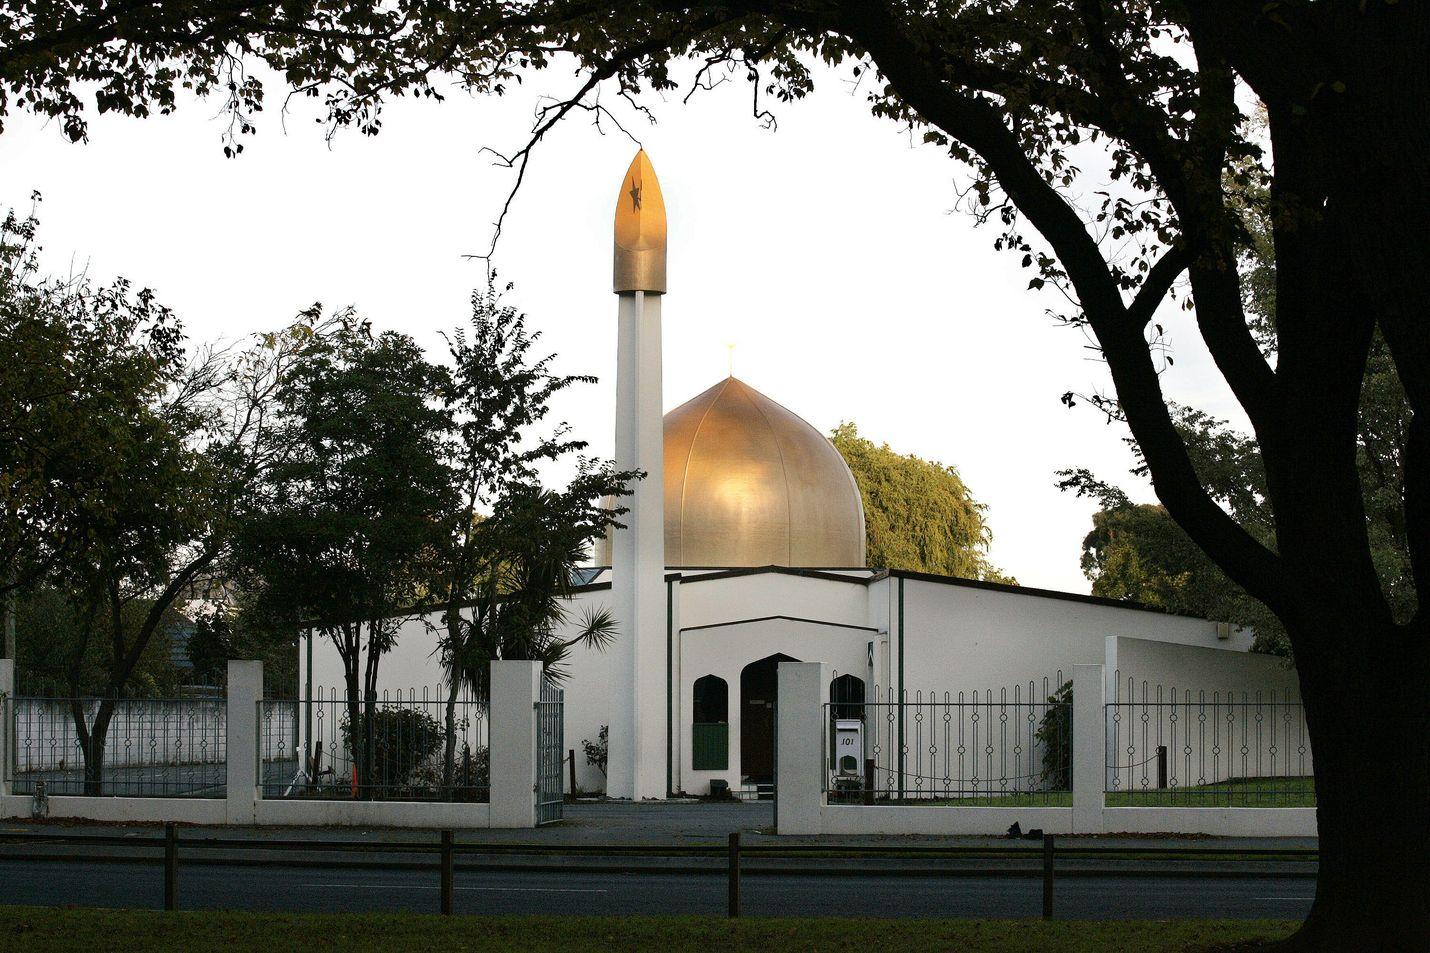 Al Noorin moskeija oli toinen kohde, jonne ampujat tekivät iskun perjantaina Christchurchissa Uudessa-Seelannissa. Kuva on arkistokuva.